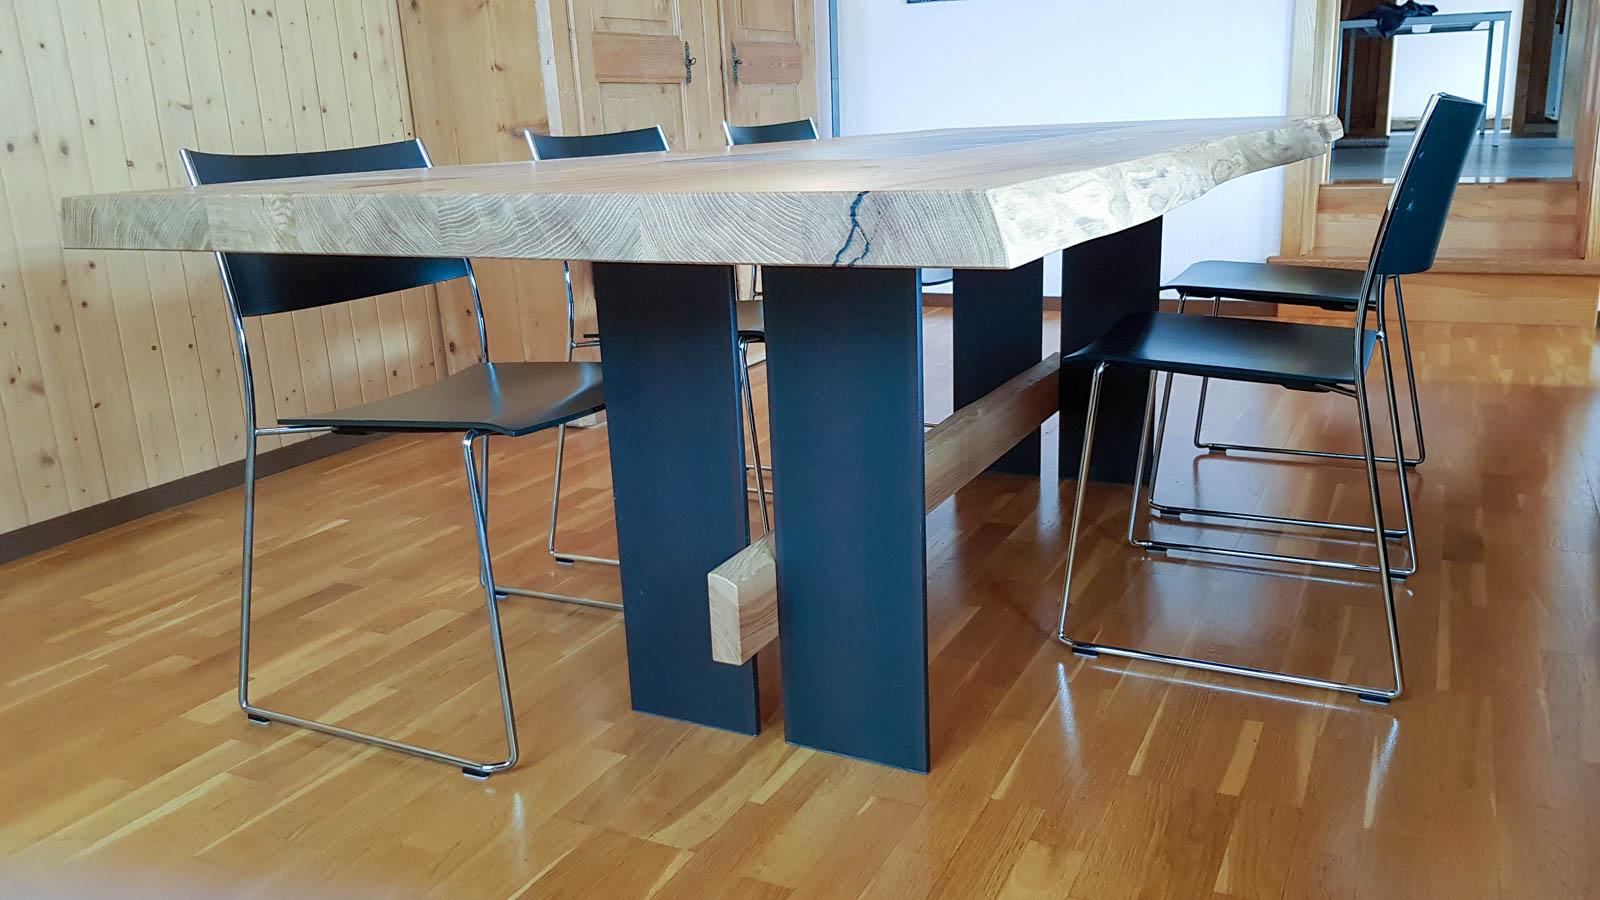 Wooddesign_Tisch_Baumkante_Schwarzstahl_Tischeinlage_Keramik_Eiche (5)